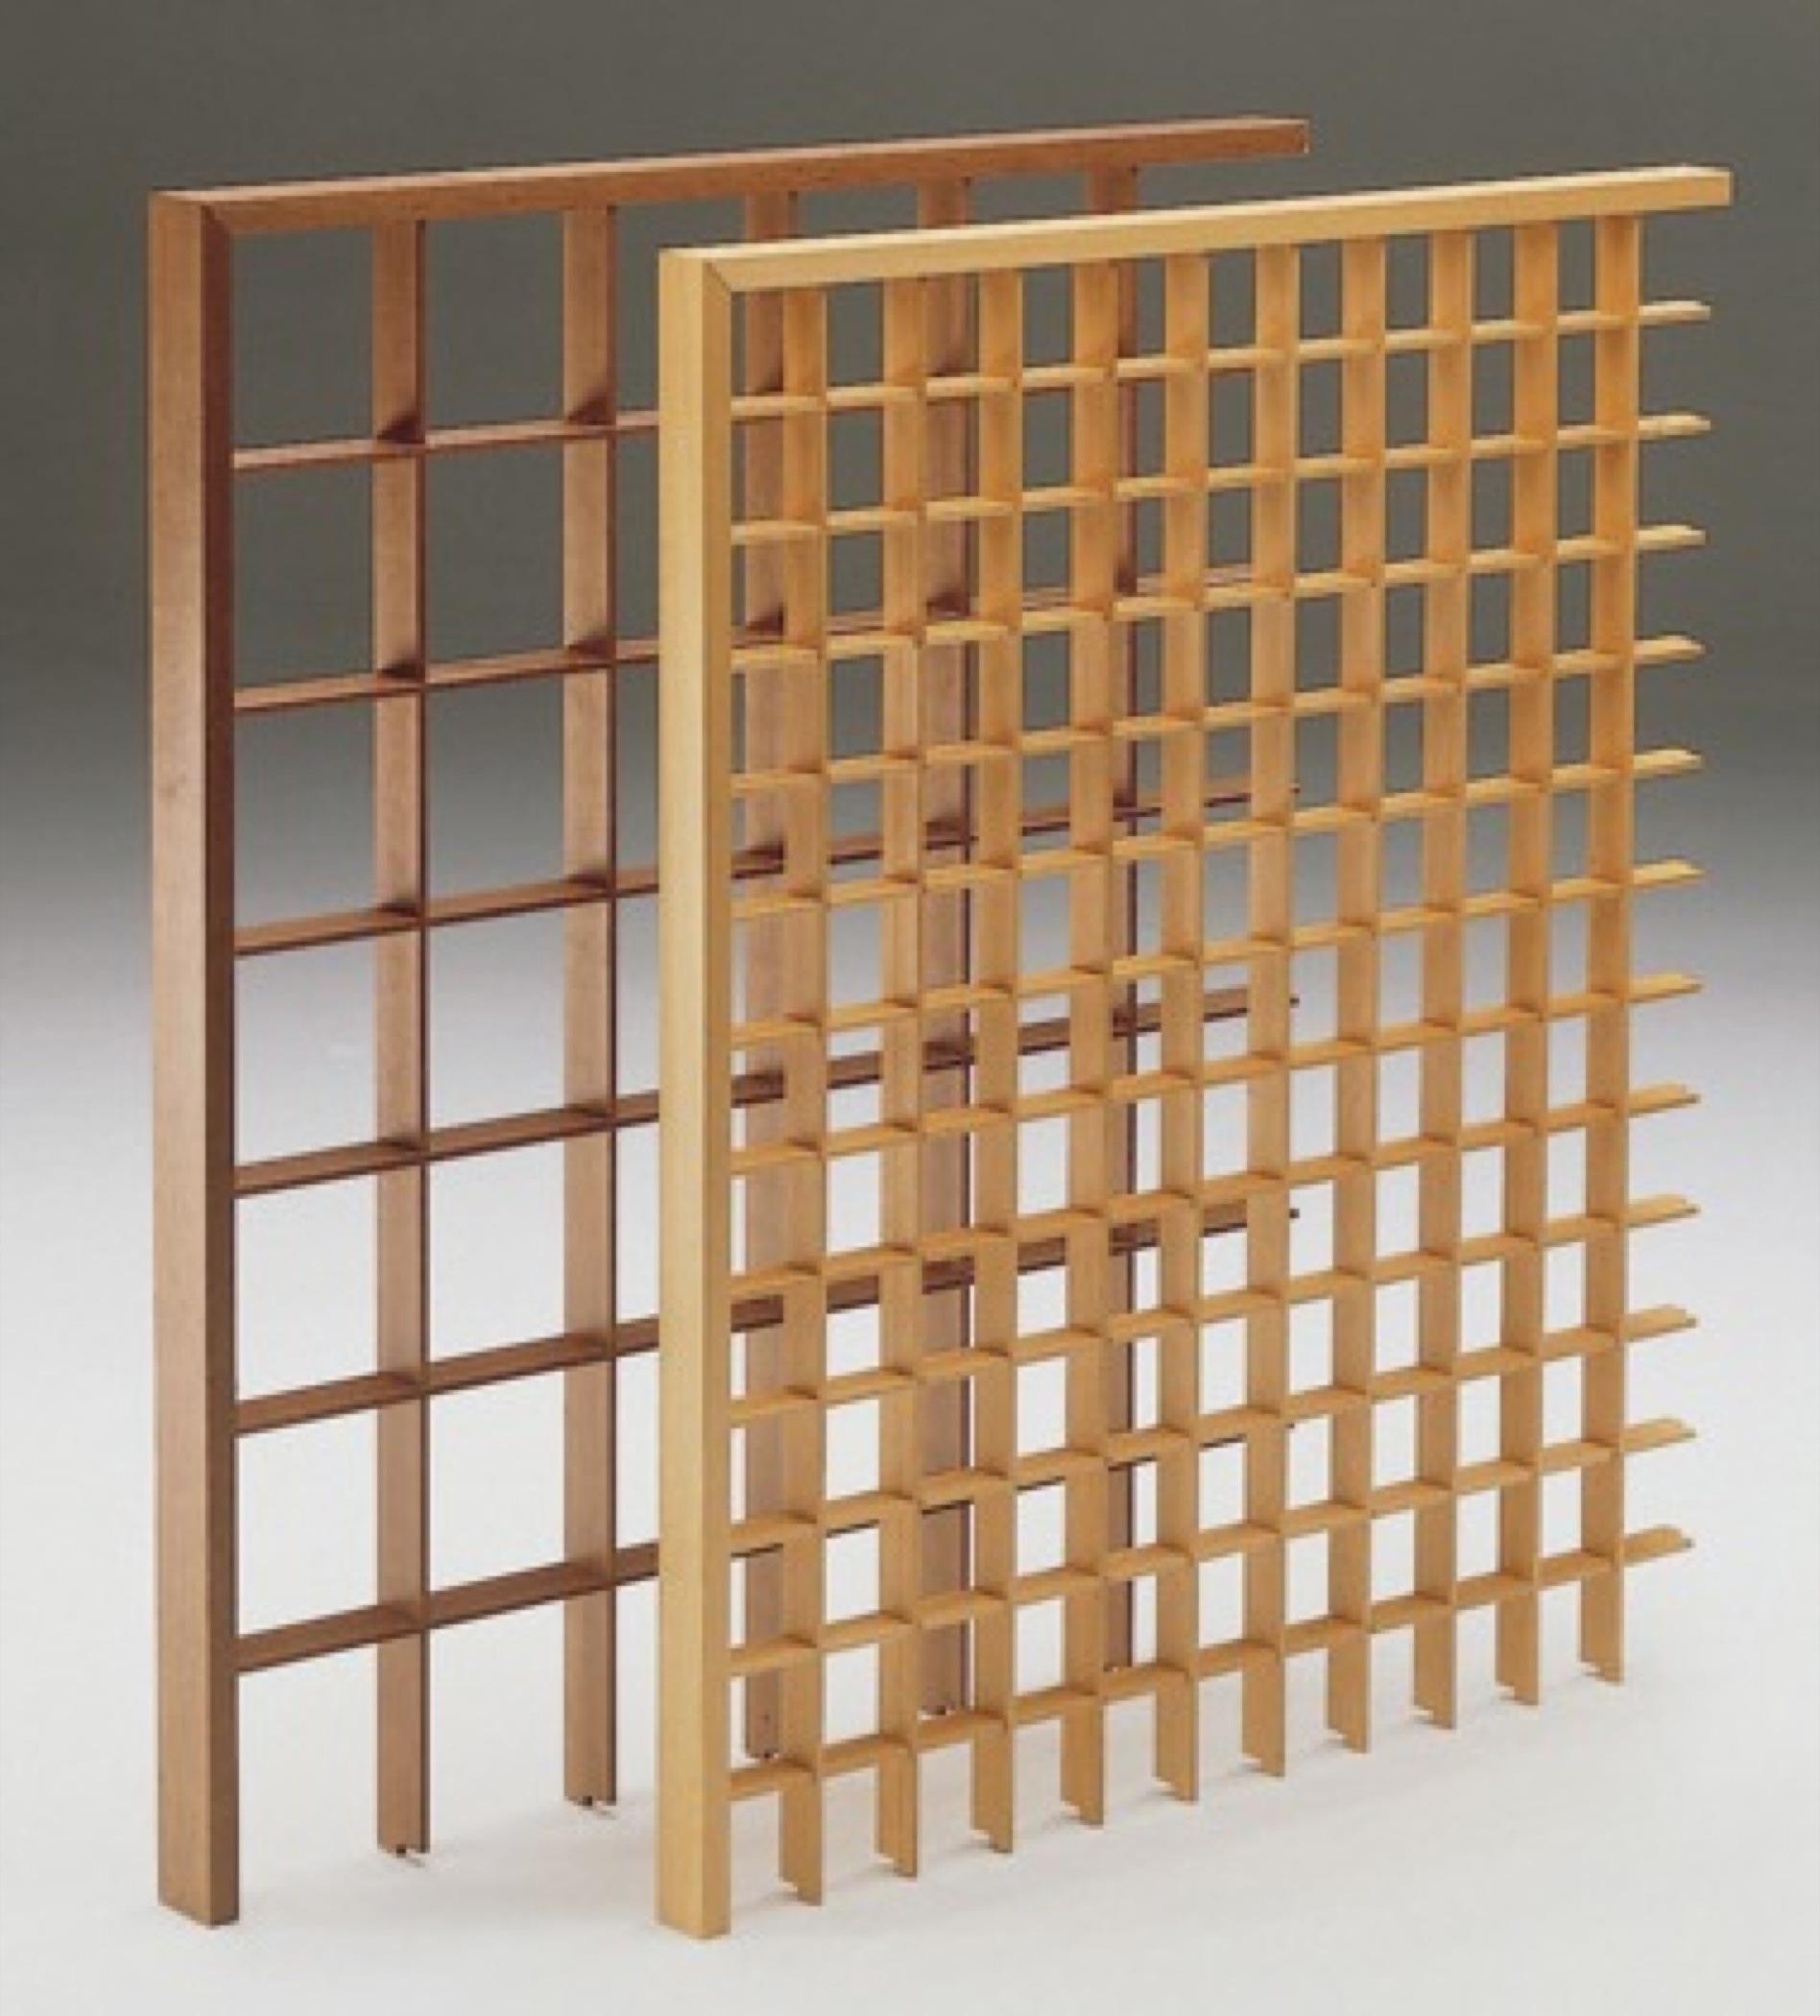 Profili aste legno per grigliati su misura recinzioni - Pannelli divisori giardino ...